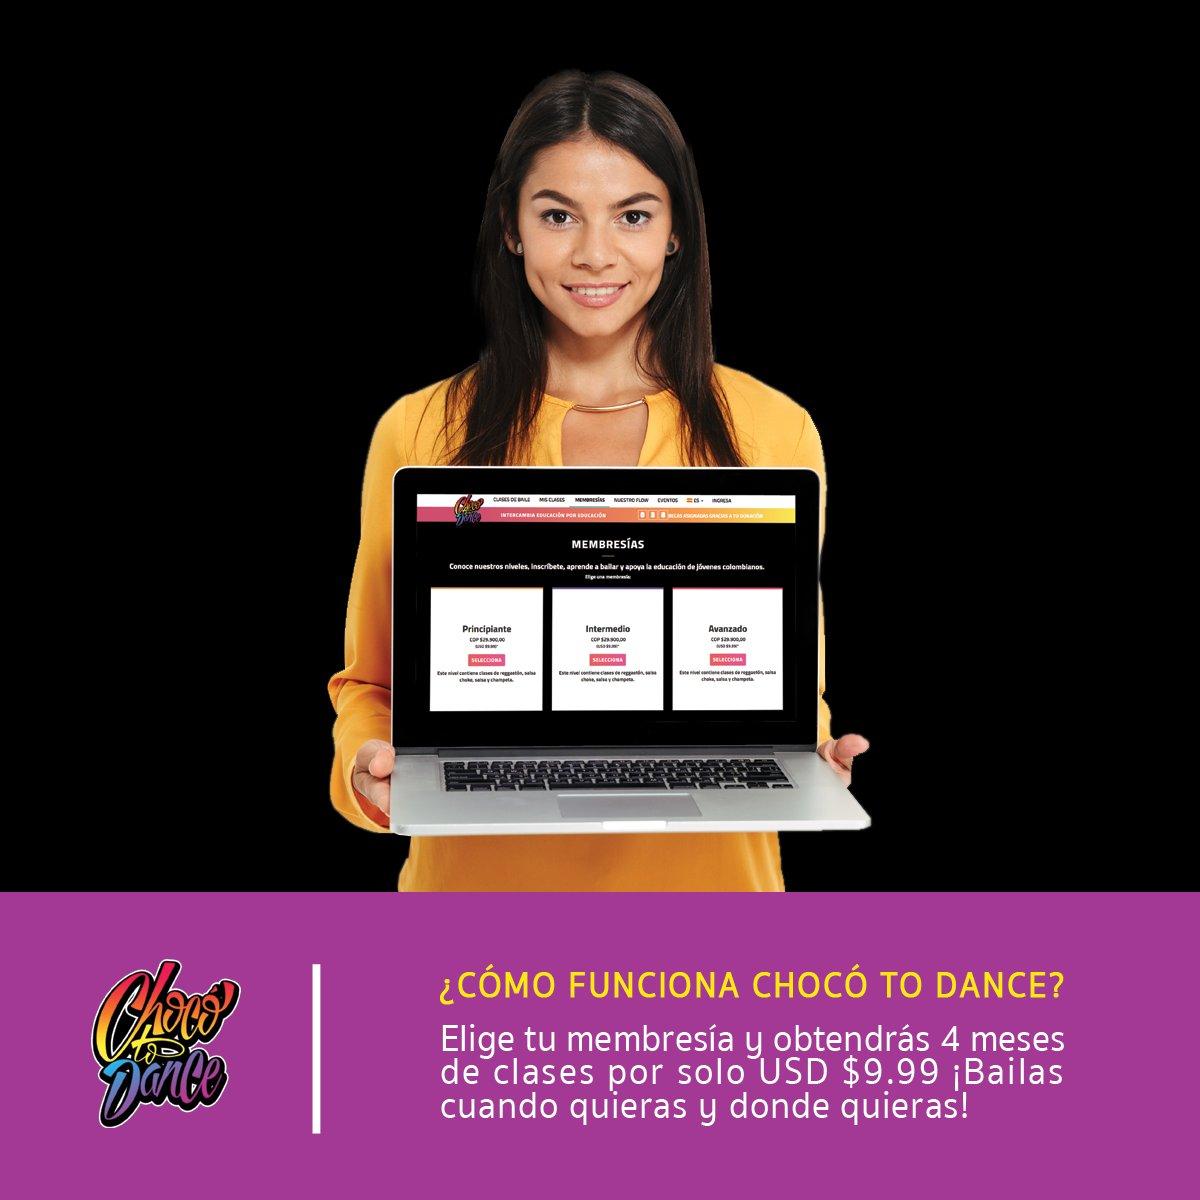 test Twitter Media - Recuerda que en estos momentos nuestros vídeos son programados y que cada #clase es un paso de baile para aprender. Puedes pedir #ClasesOnline, en vivo por #Zoom escribiendo a fundacionjpgc@gmail.comAprende a bailar en: https://t.co/JuxXn9hjCy https://t.co/GvdMOclCaF